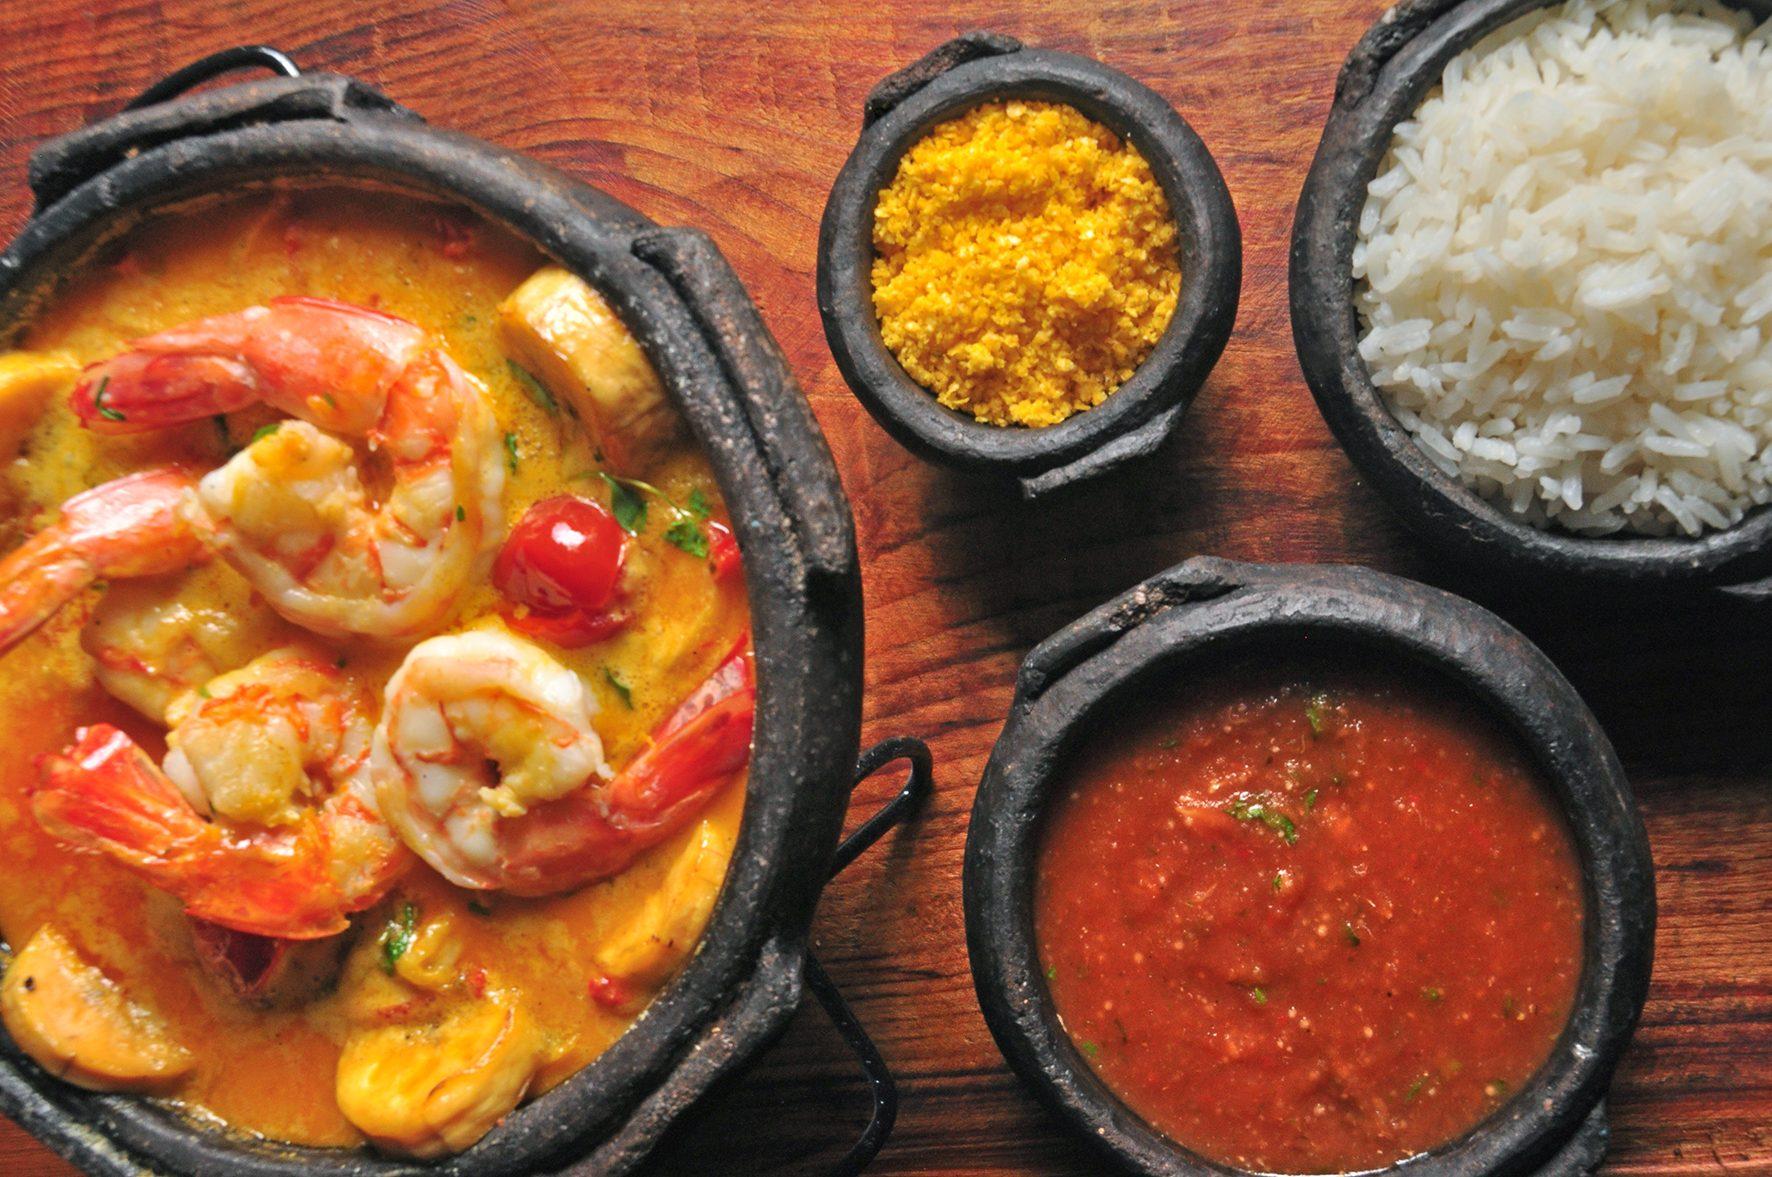 Restaurante Urukum, no Rio, lança Festival de Camarão